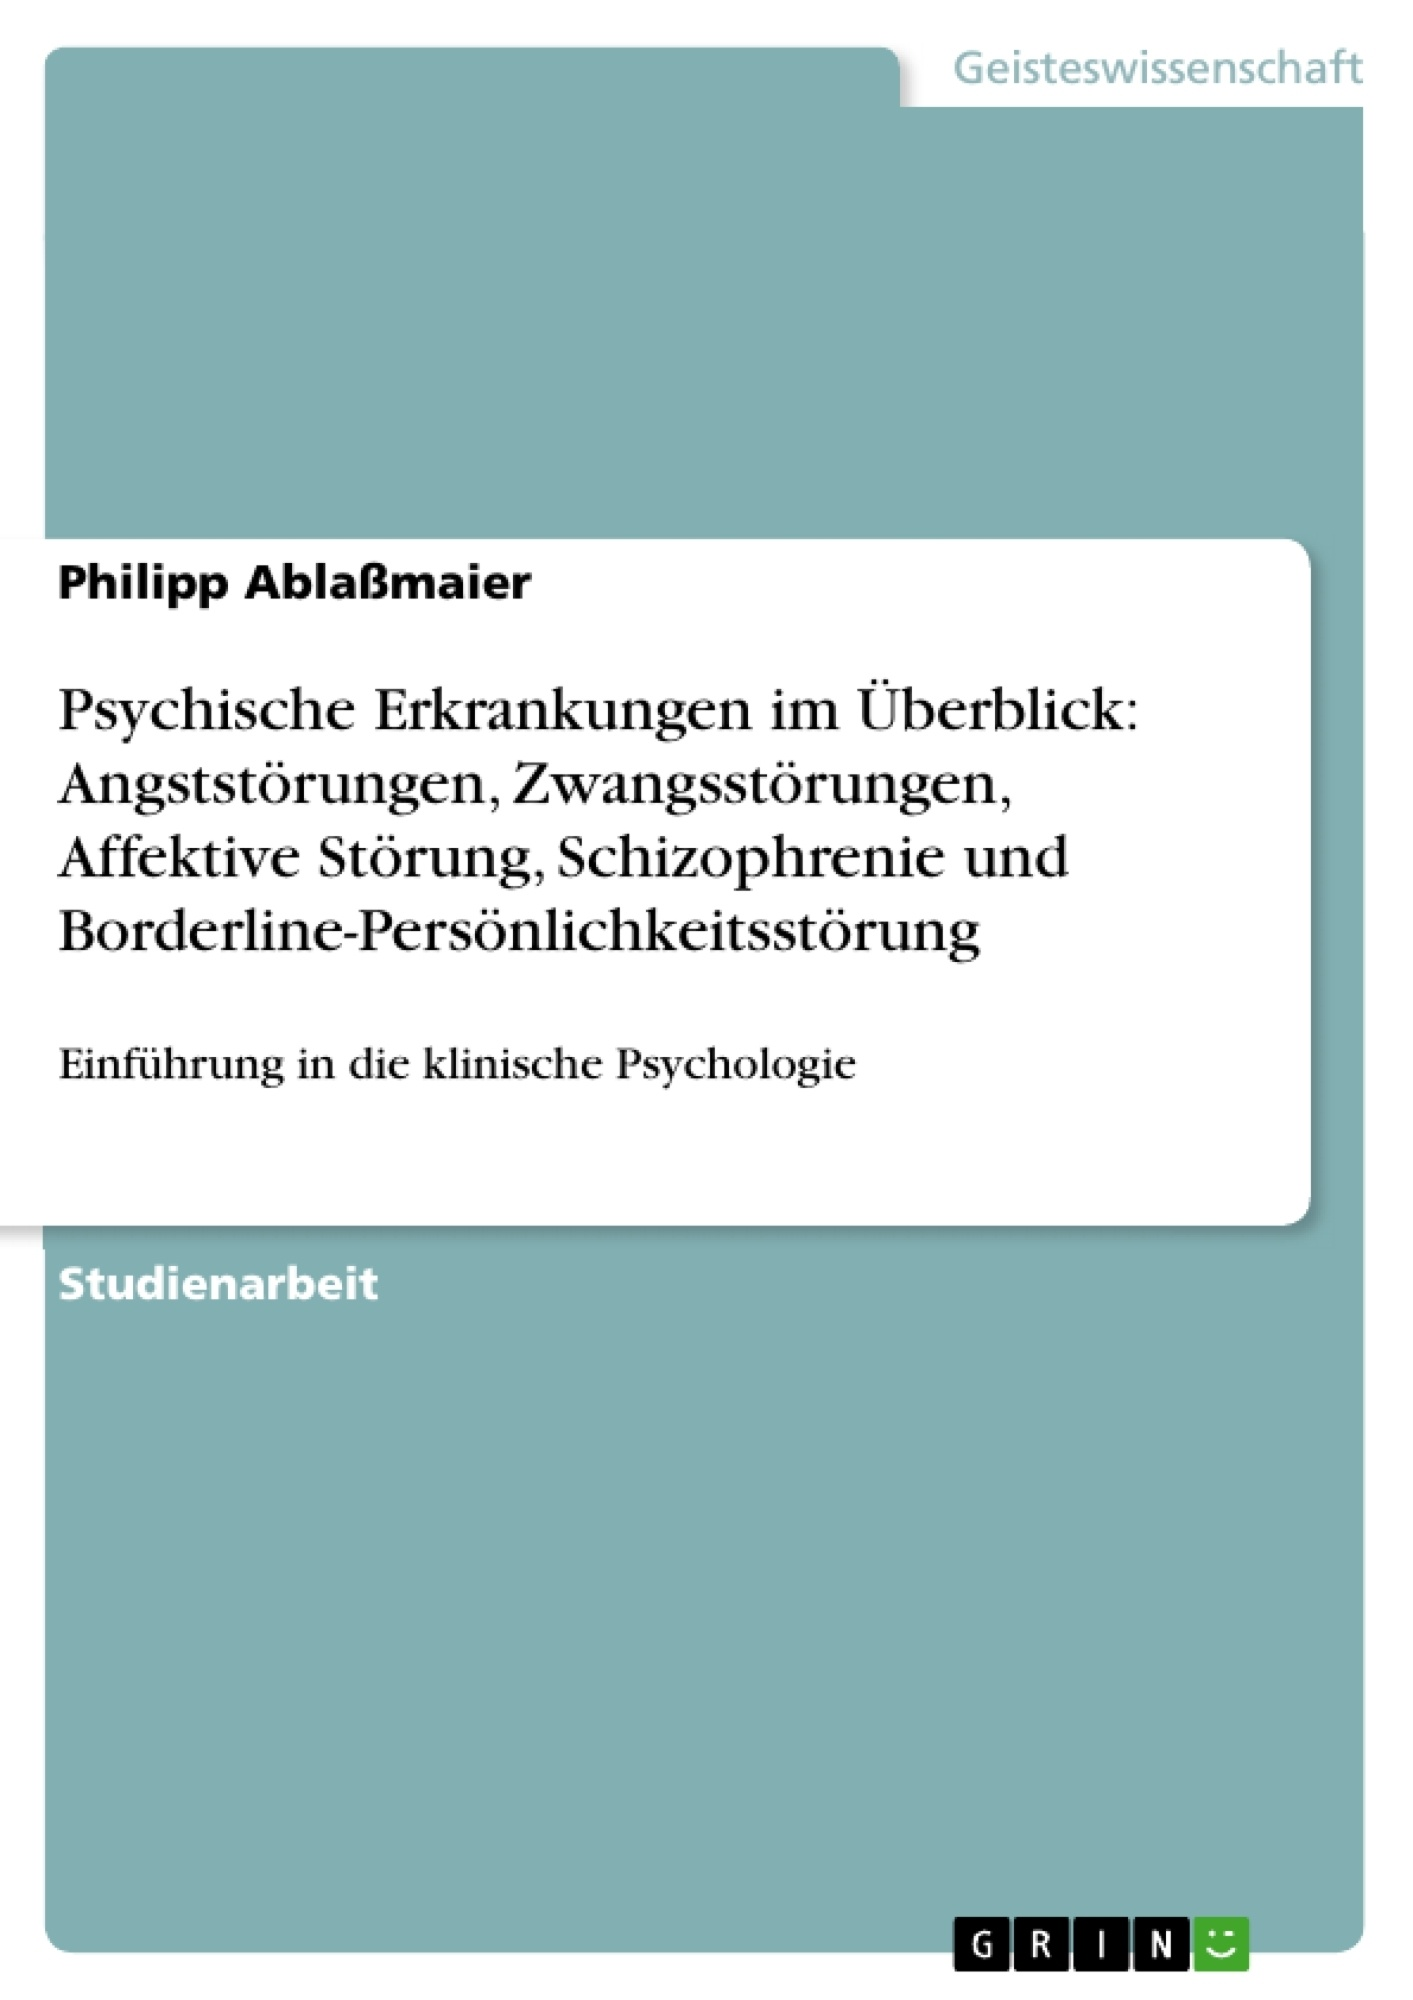 Titel: Psychische Erkrankungen im Überblick: Angststörungen, Zwangsstörungen, Affektive Störung, Schizophrenie und Borderline-Persönlichkeitsstörung